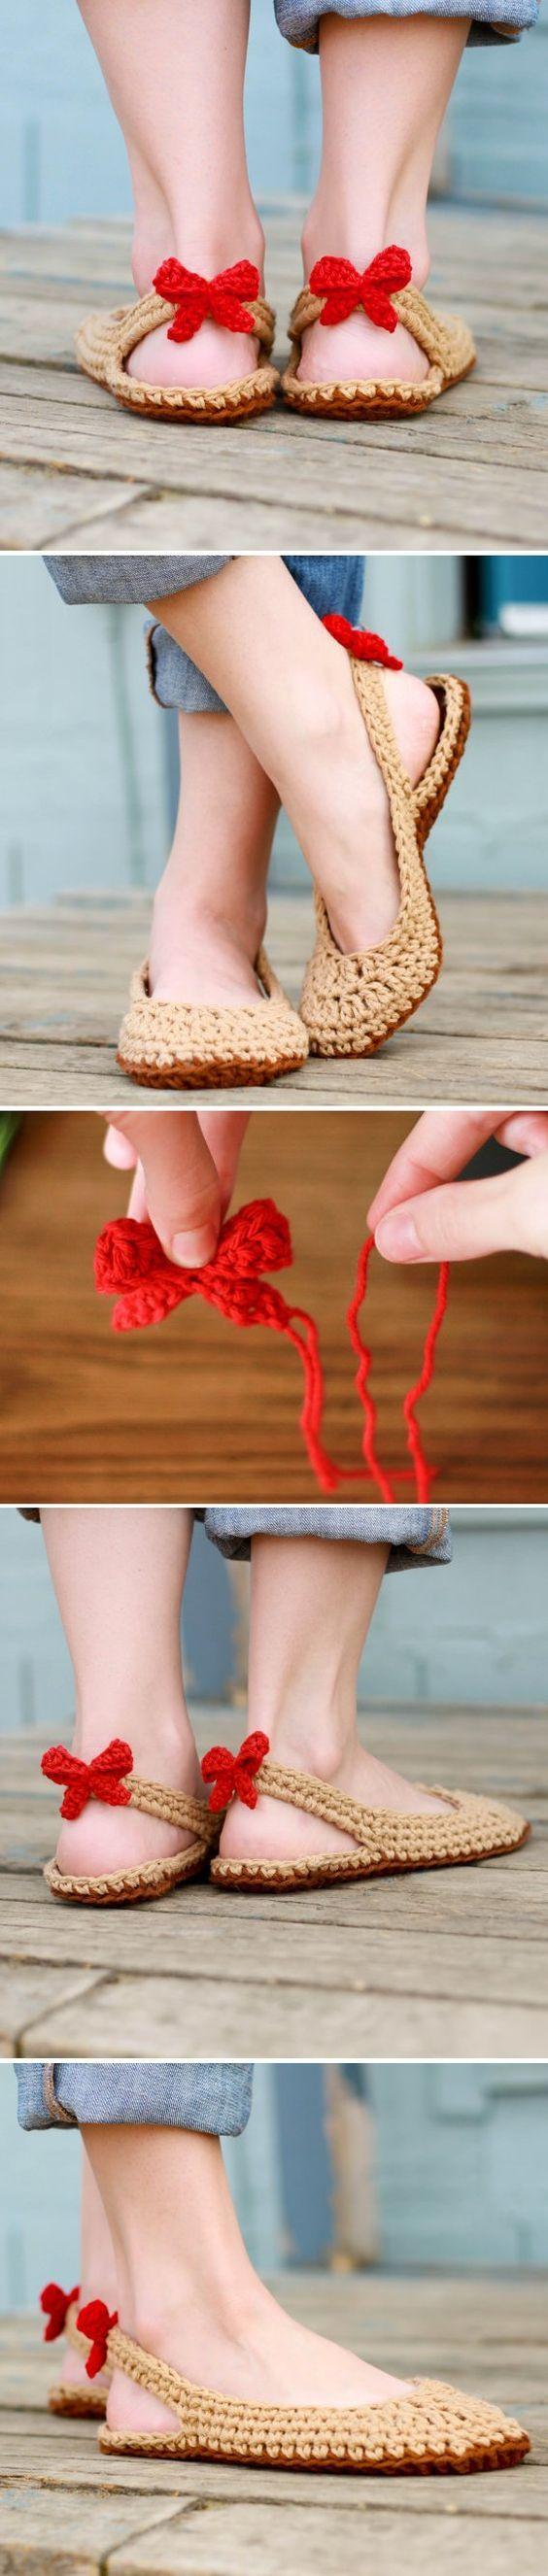 zapatos en crochet  13 (2)                                                                                                                                                                                 Más